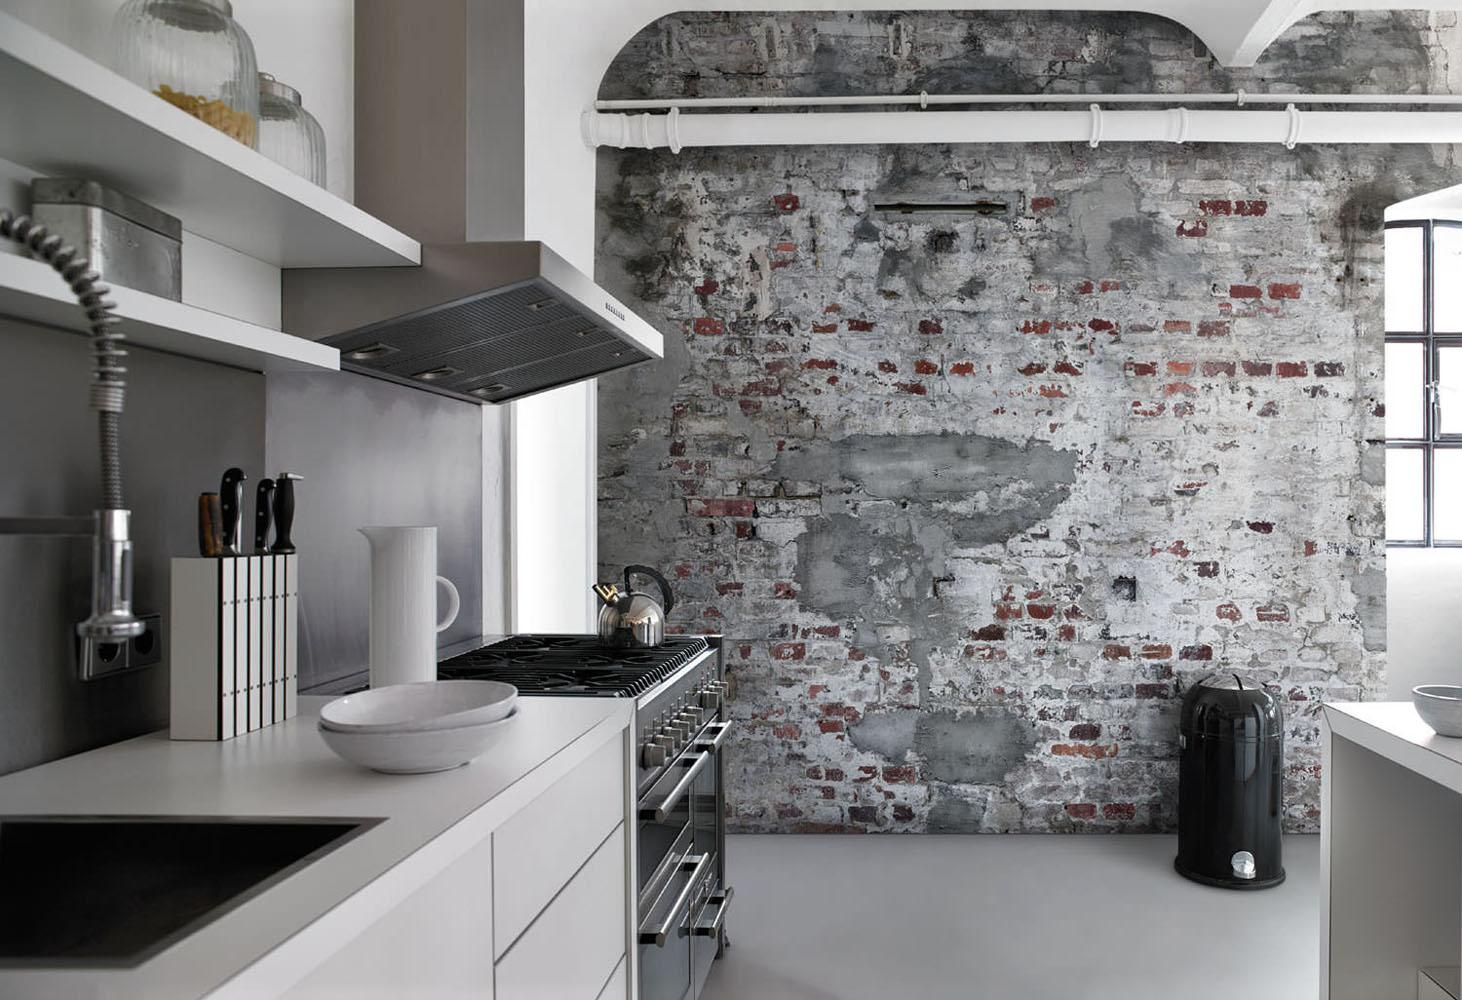 Full Size of Abwaschbare Tapeten Für Küche 3d Tapeten Für Küche Tapeten Für Küche Modern Tapeten Für Küche Und Bad Küche Tapeten Für Küche